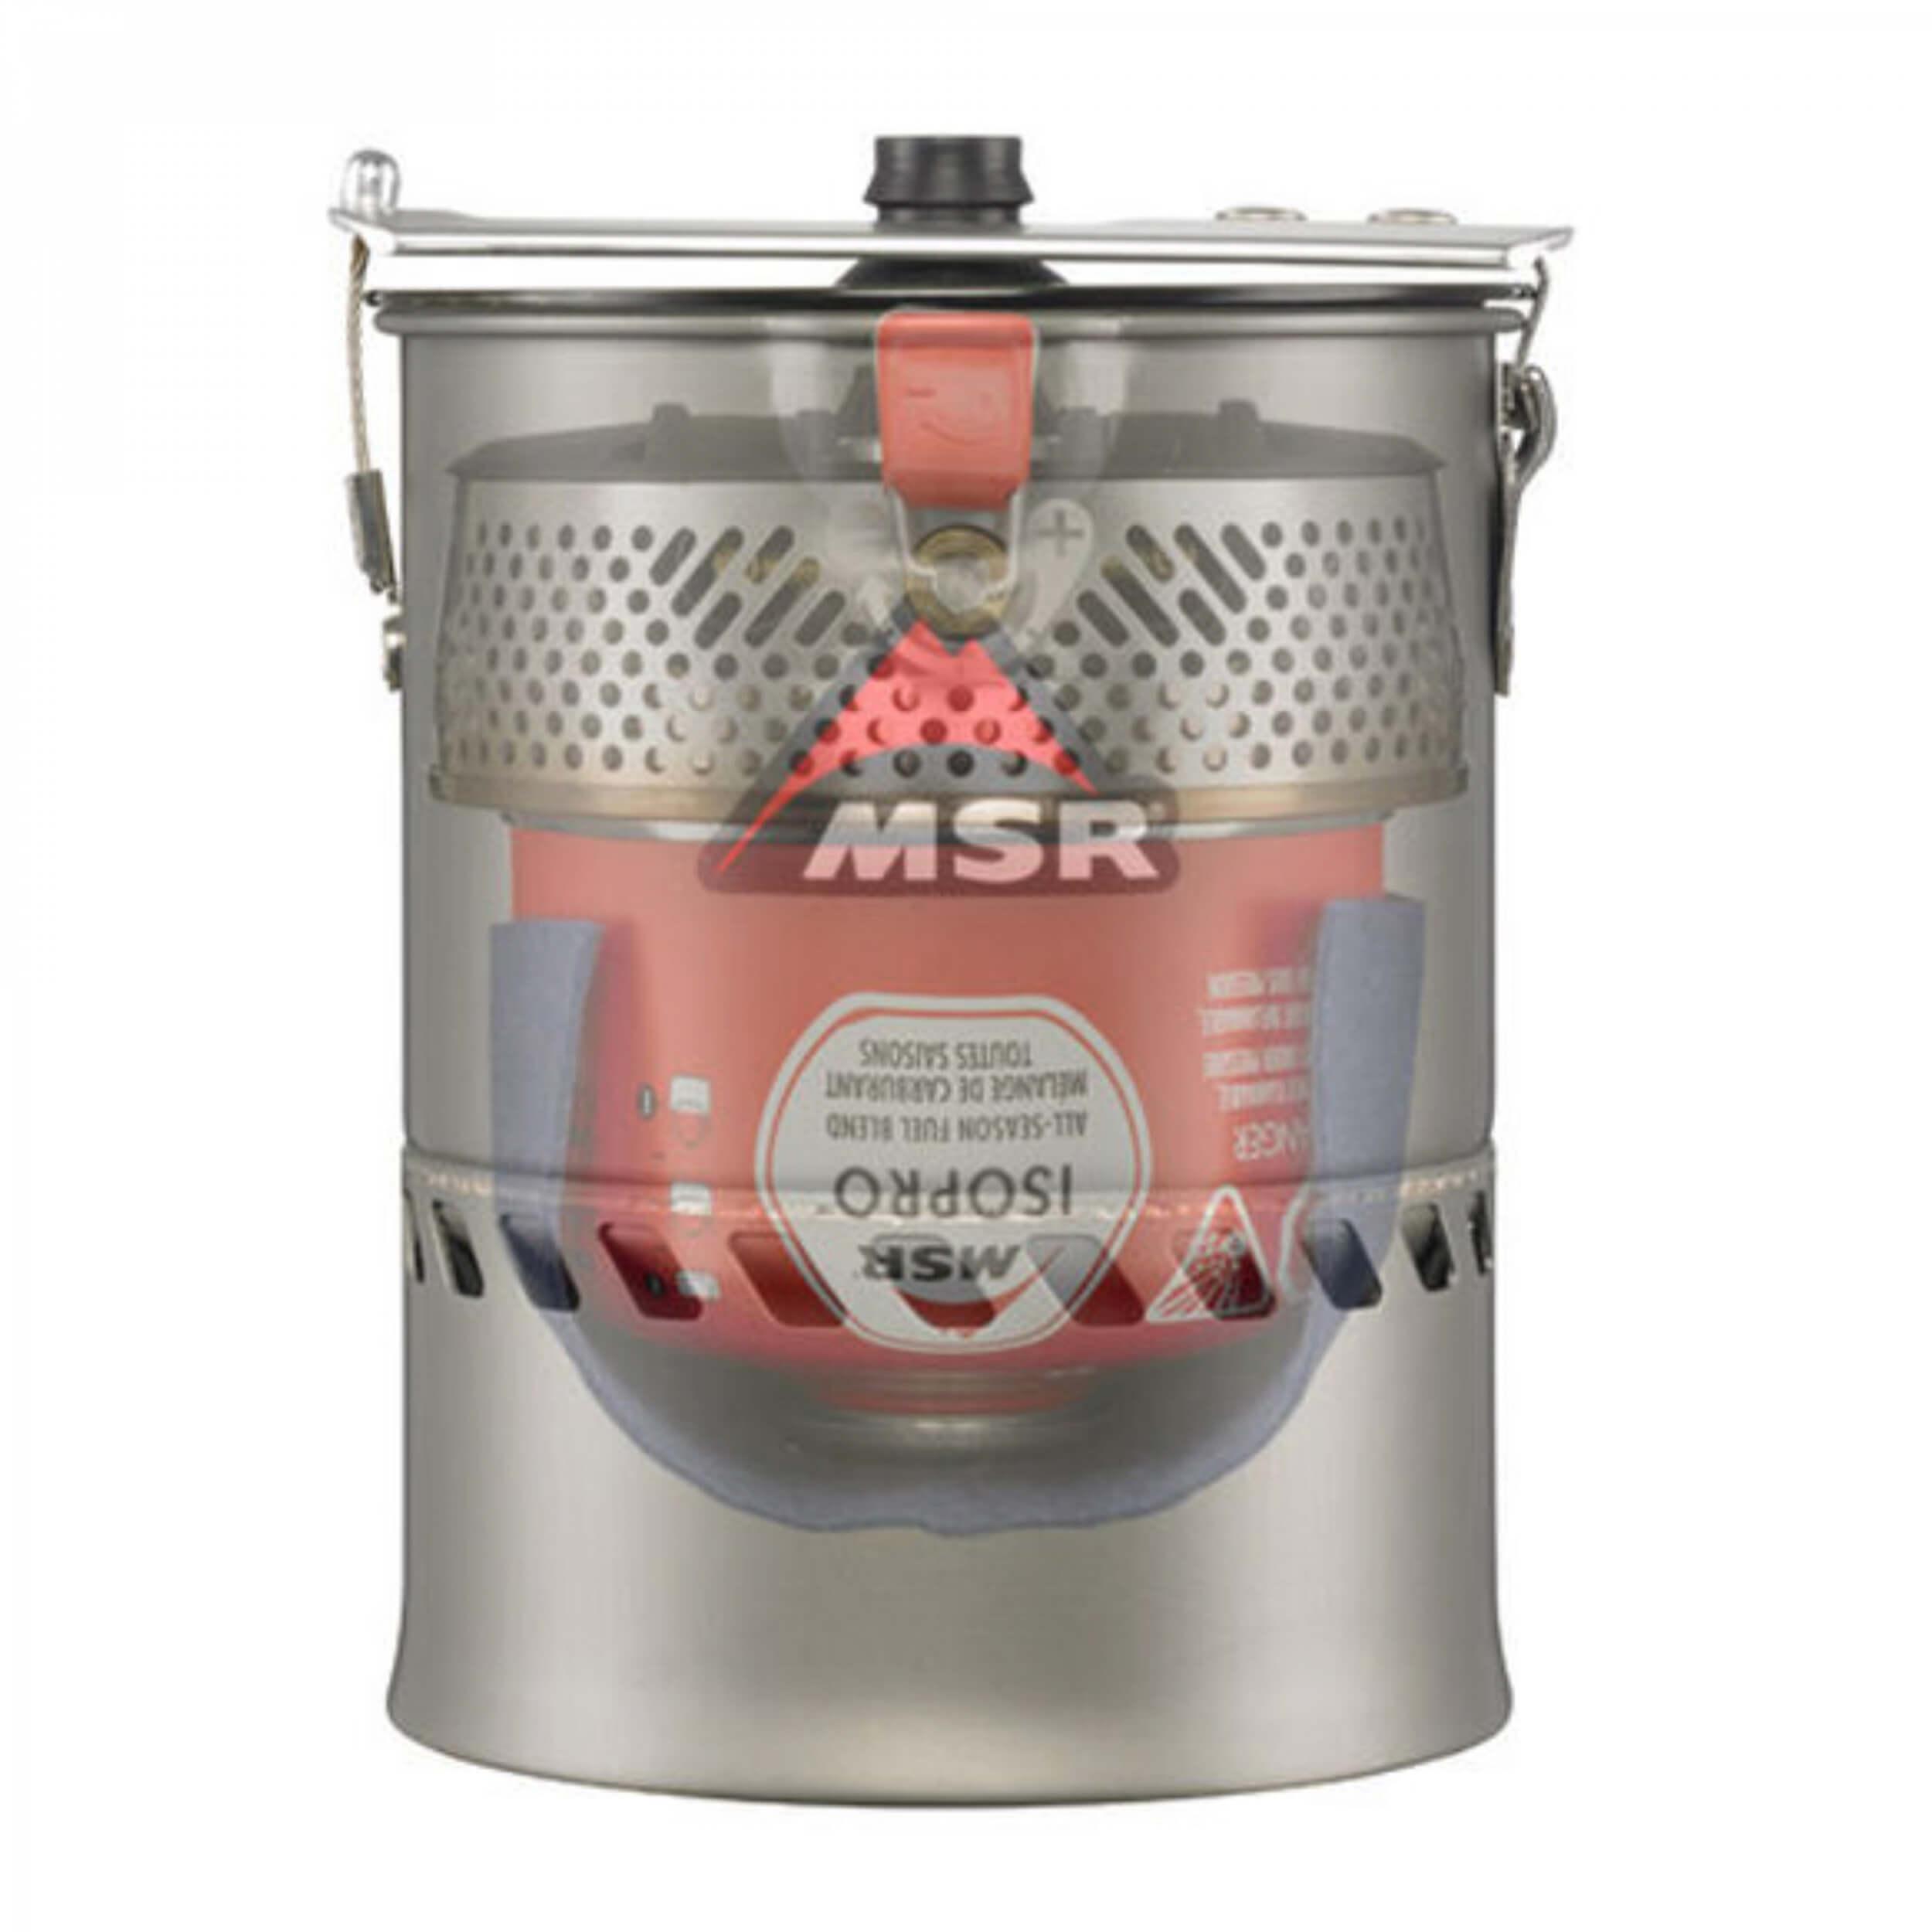 MSR Reactor Stove System 1.0l